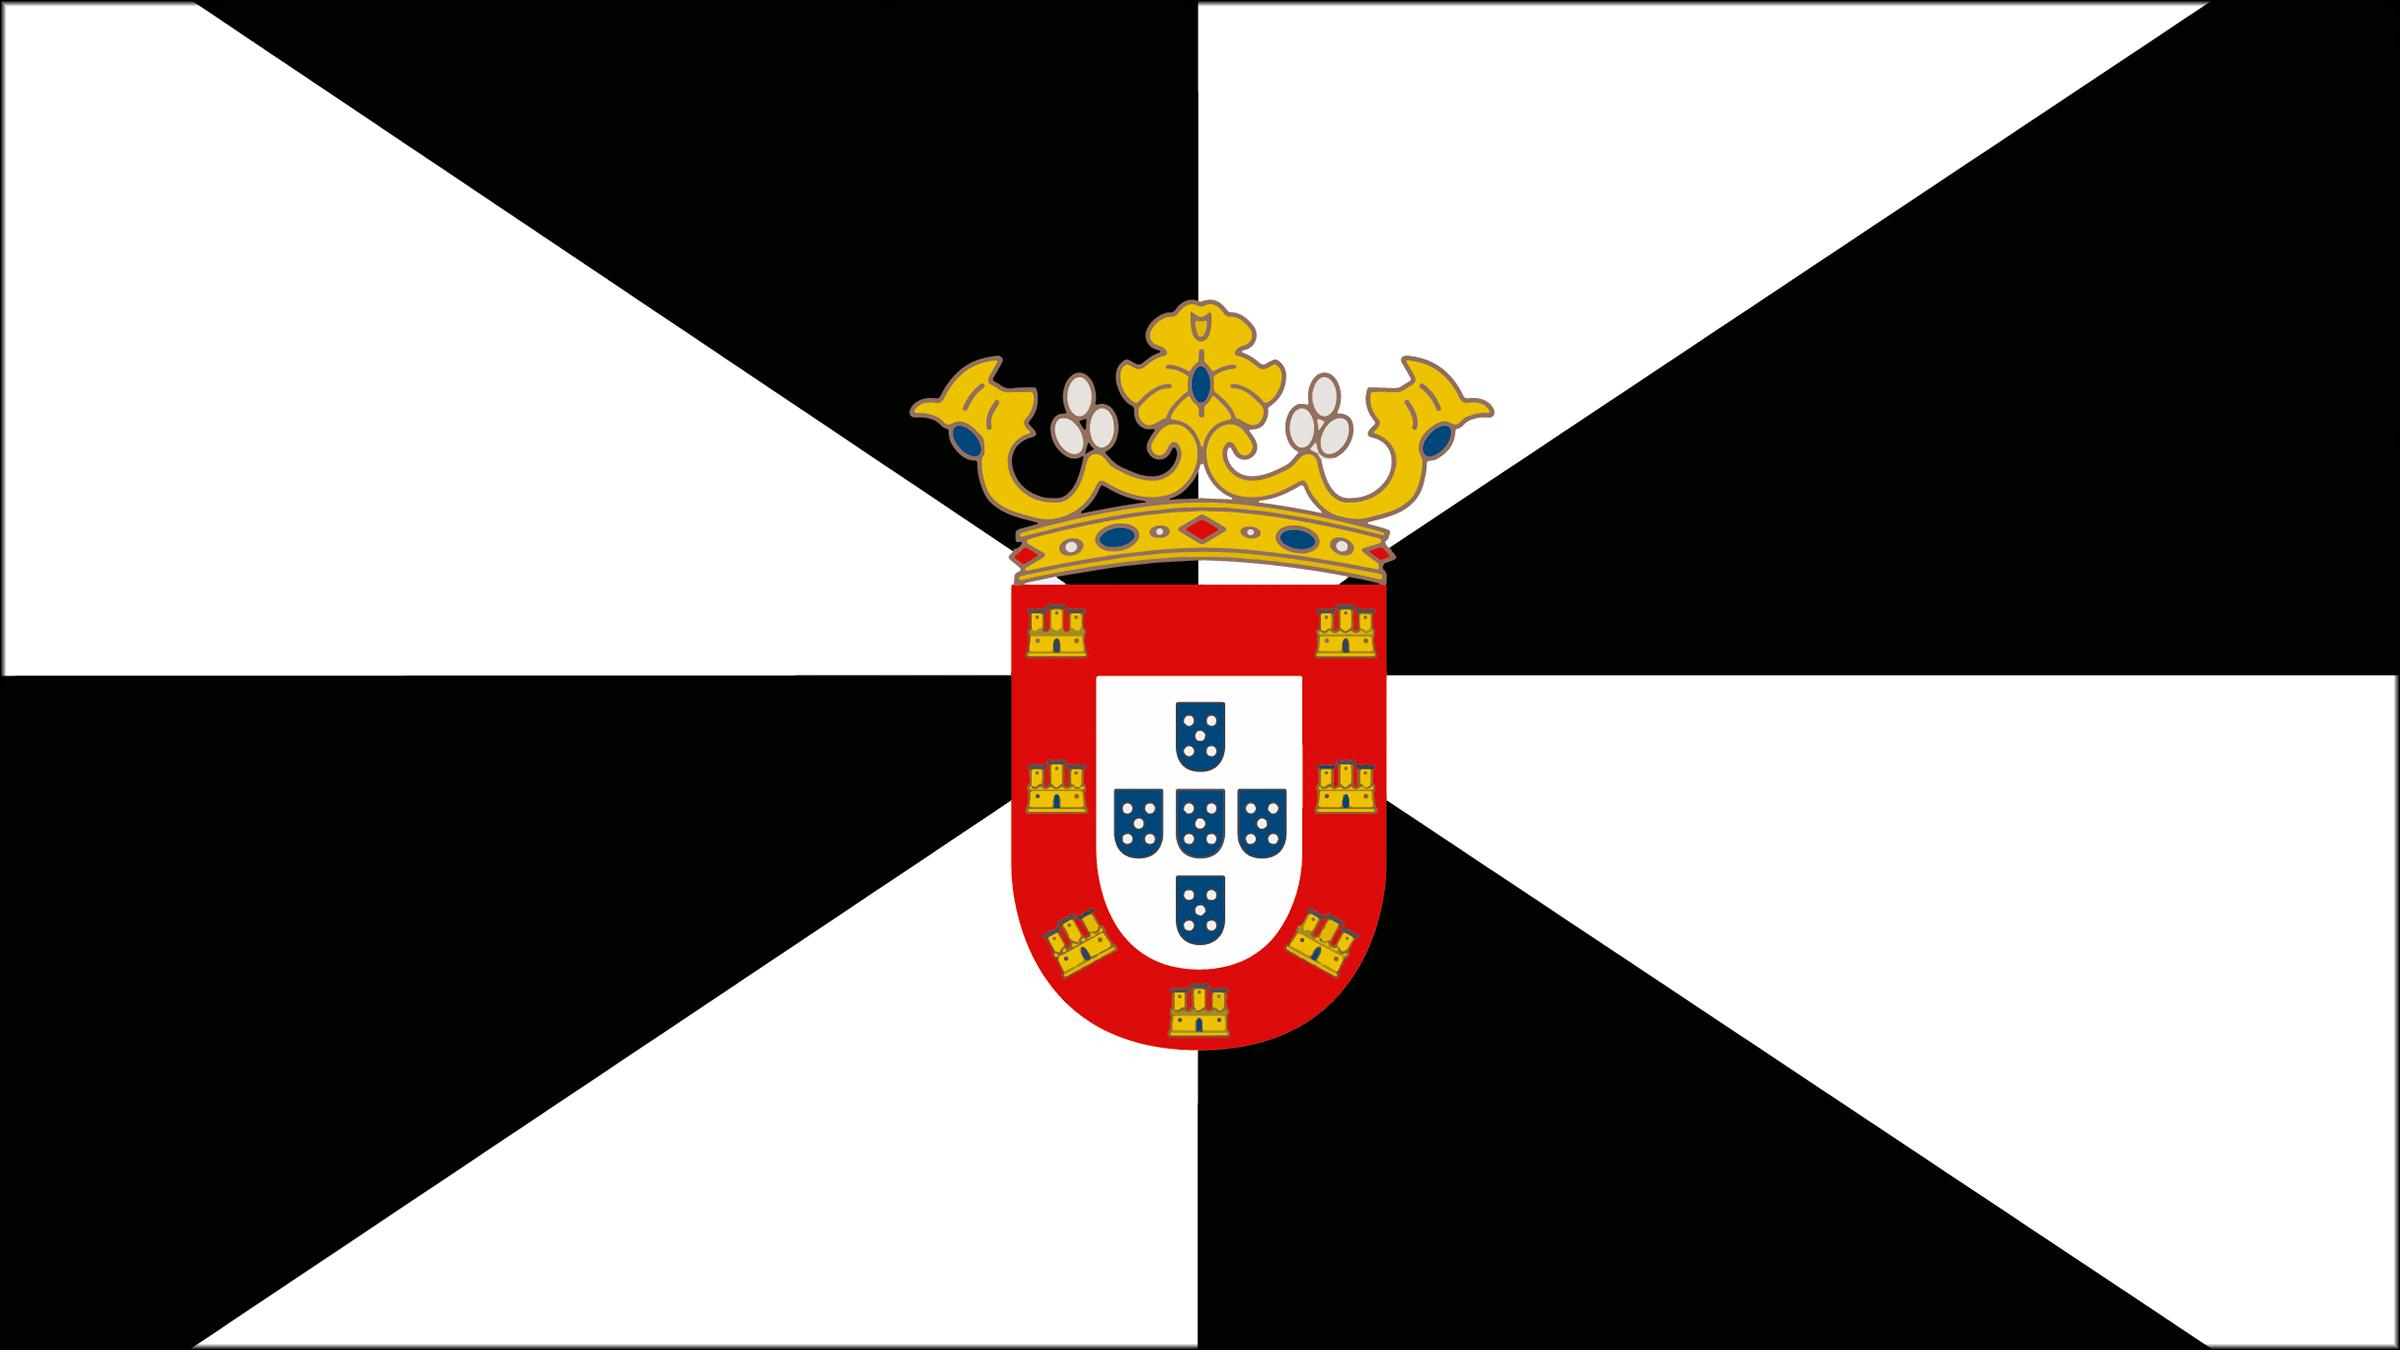 Los Colores De La Bandera De Ceuta Bandera Vivar Malaga El Viso